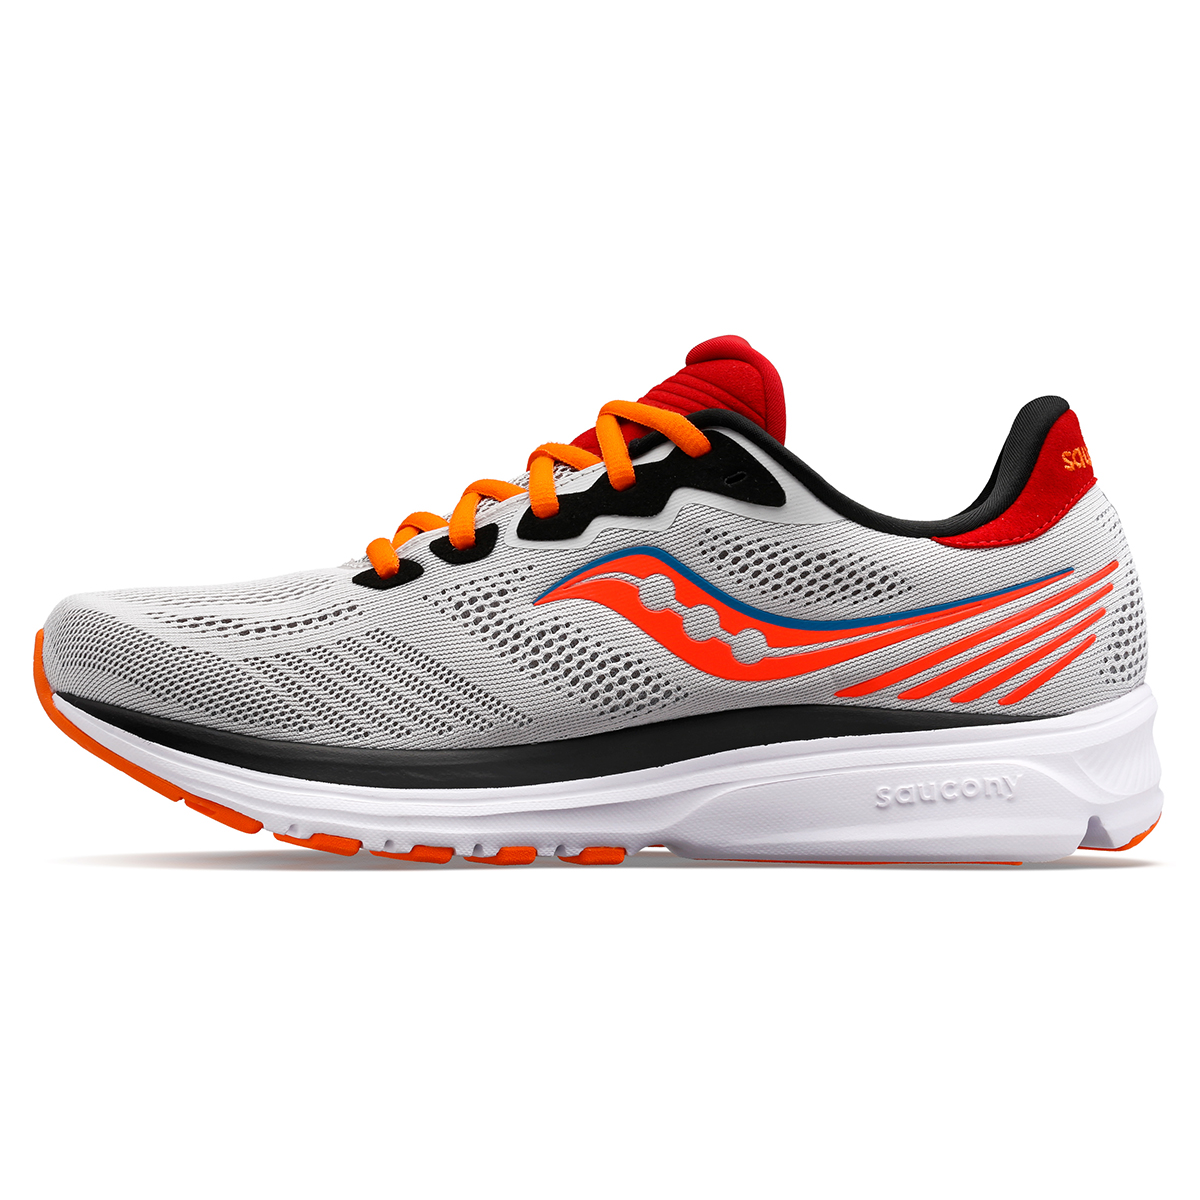 Men's Saucony Ride 14 Running Shoe - Color: Jackalope - Size: 7 - Width: Regular, Jackalope, large, image 3